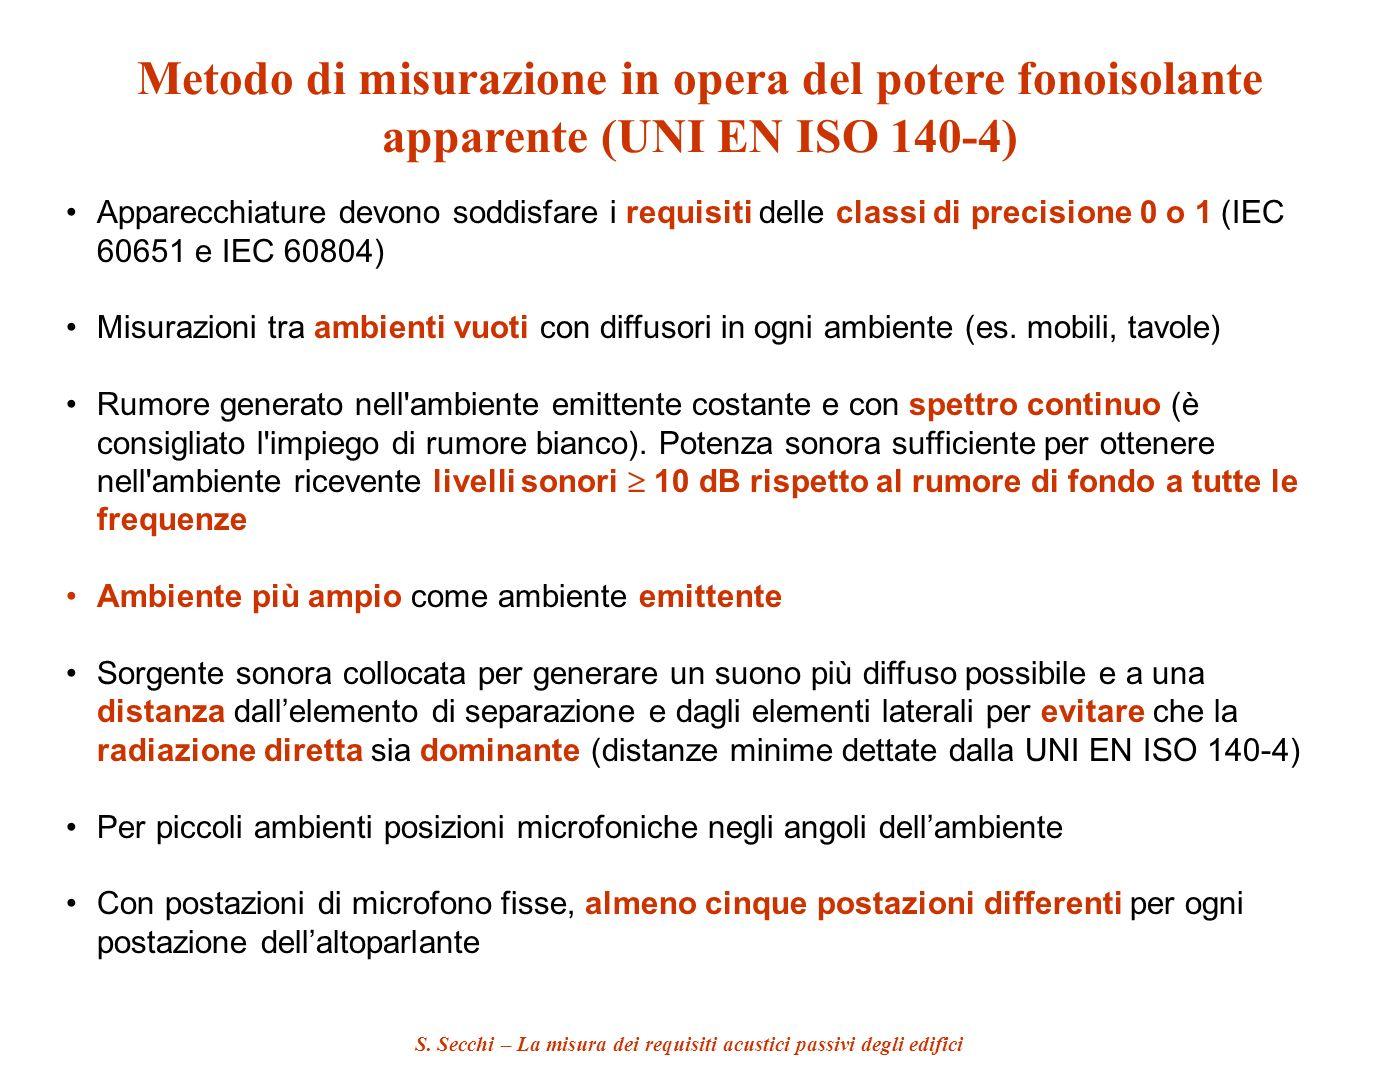 Metodo di misurazione in opera del potere fonoisolante apparente (UNI EN ISO 140-4)